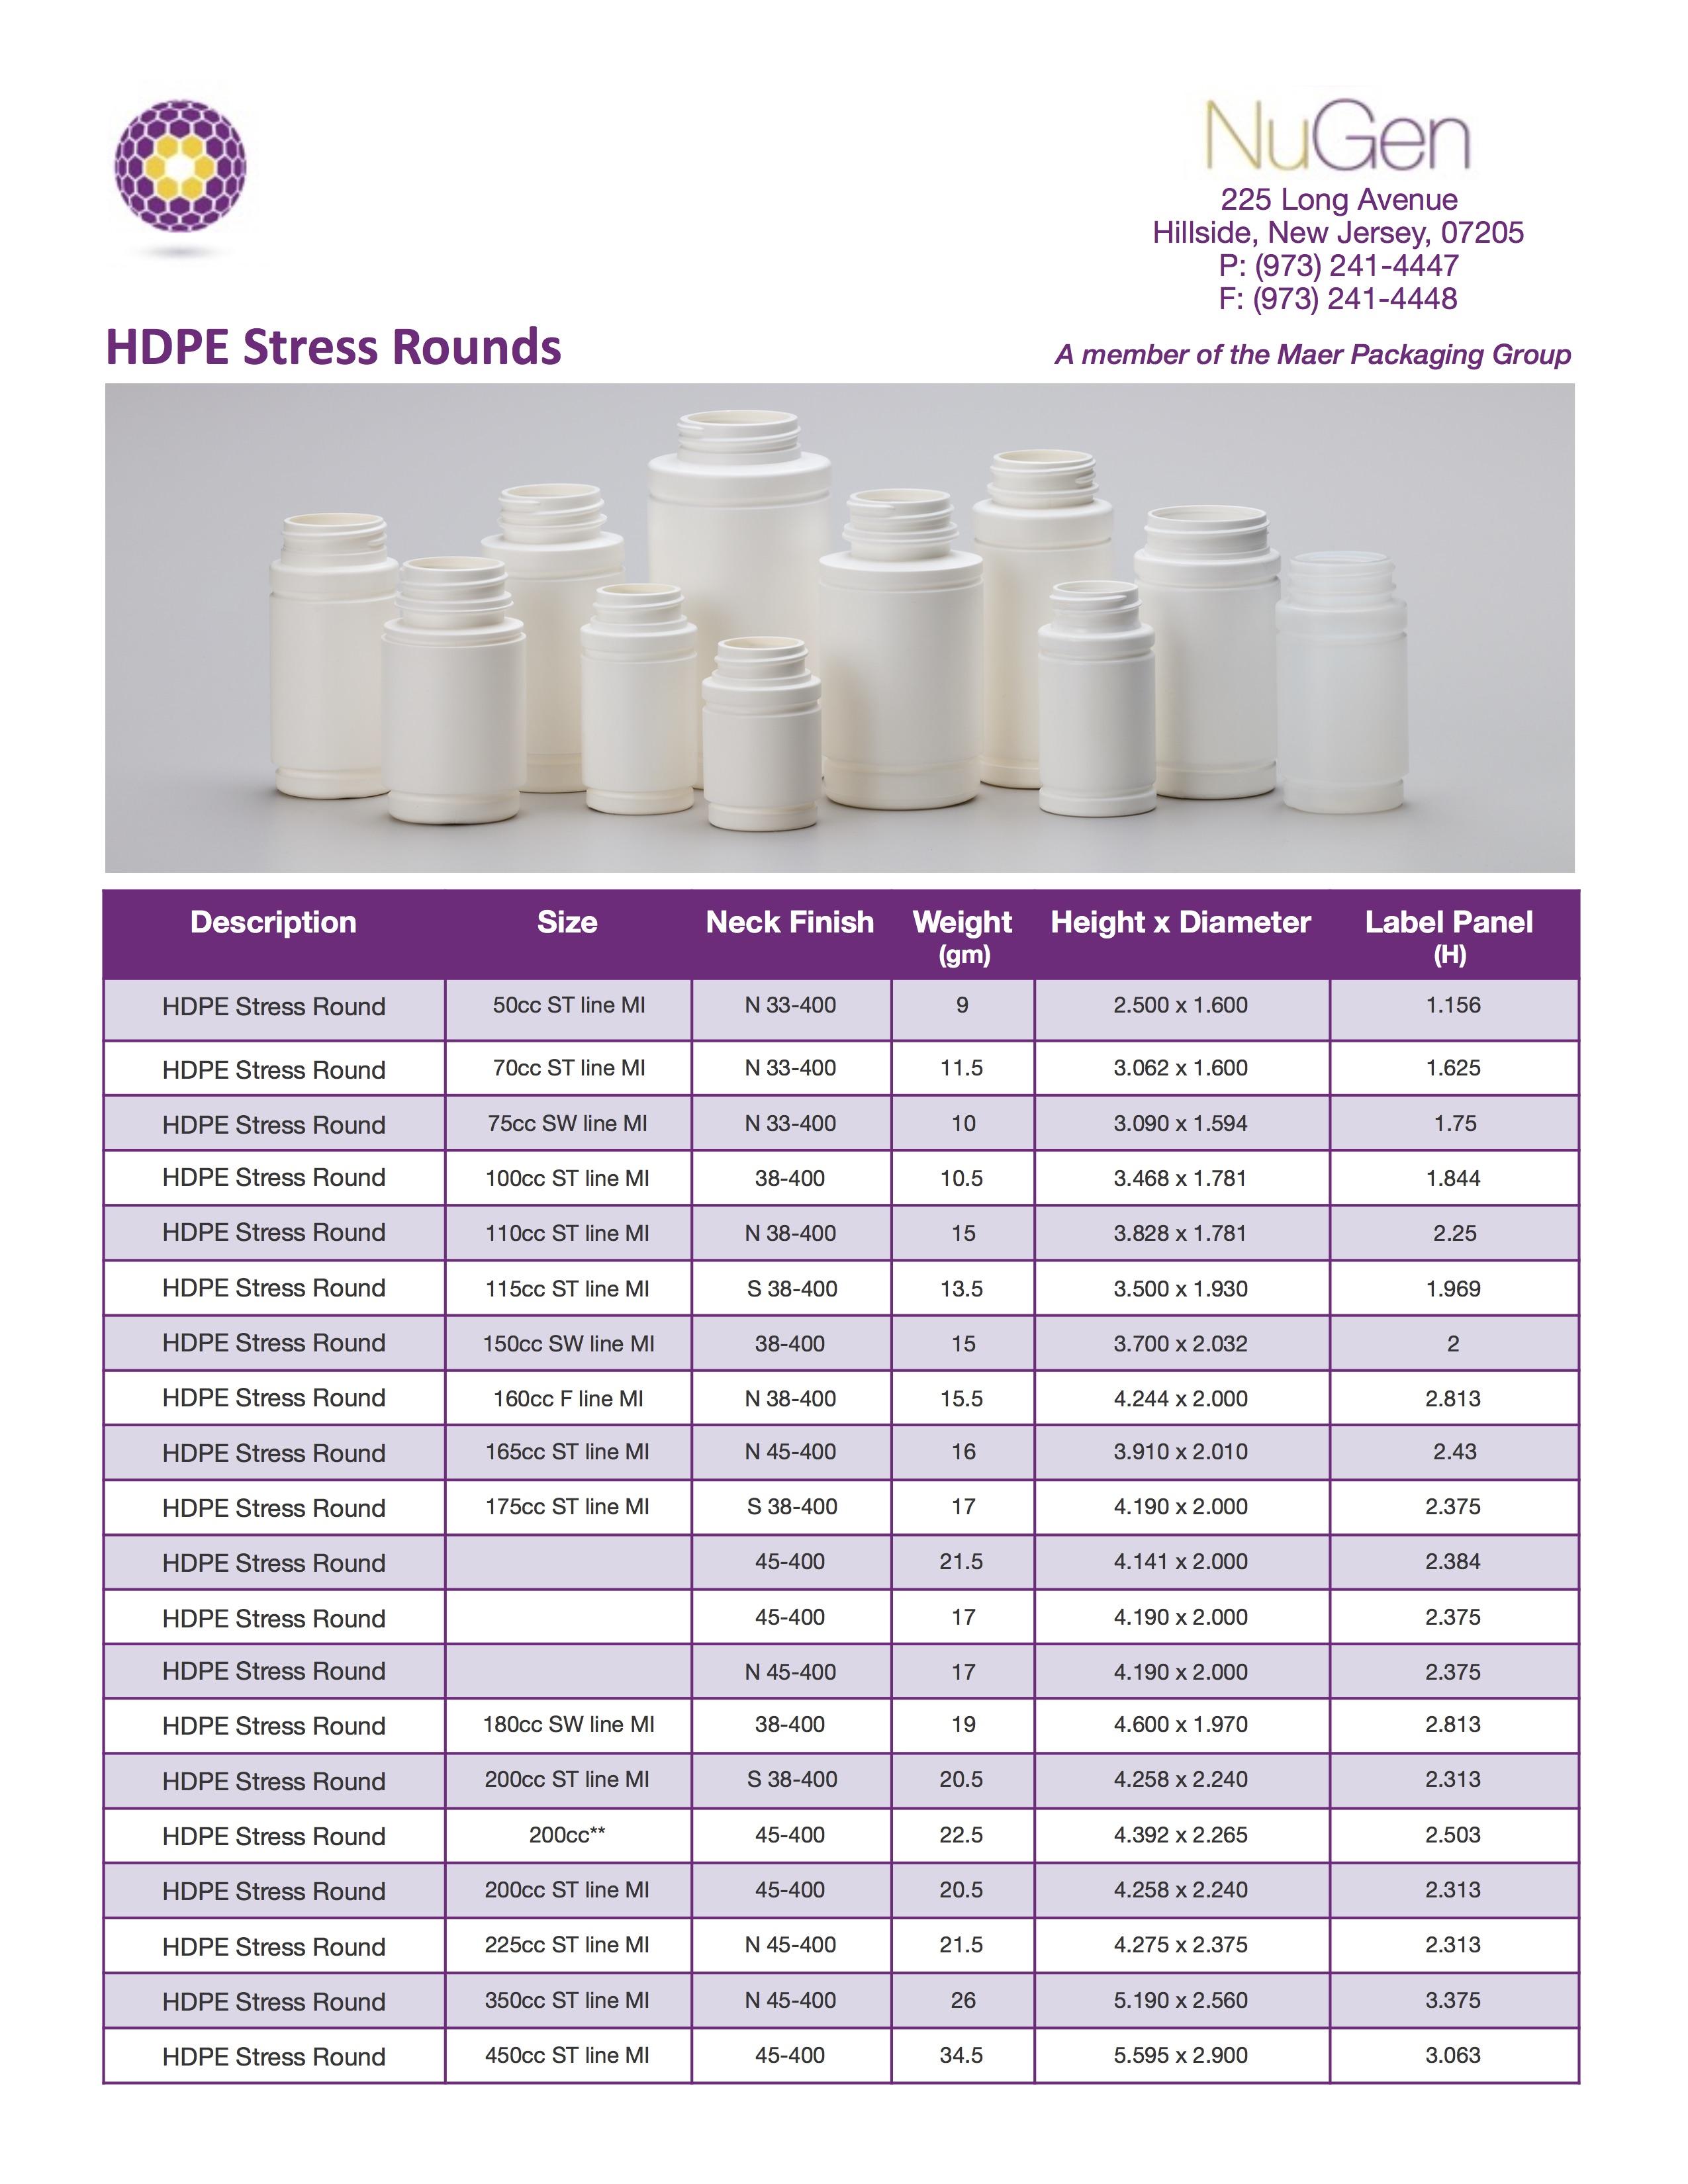 NUGEN_HDPE_Stress_Rounds-12-2-2015